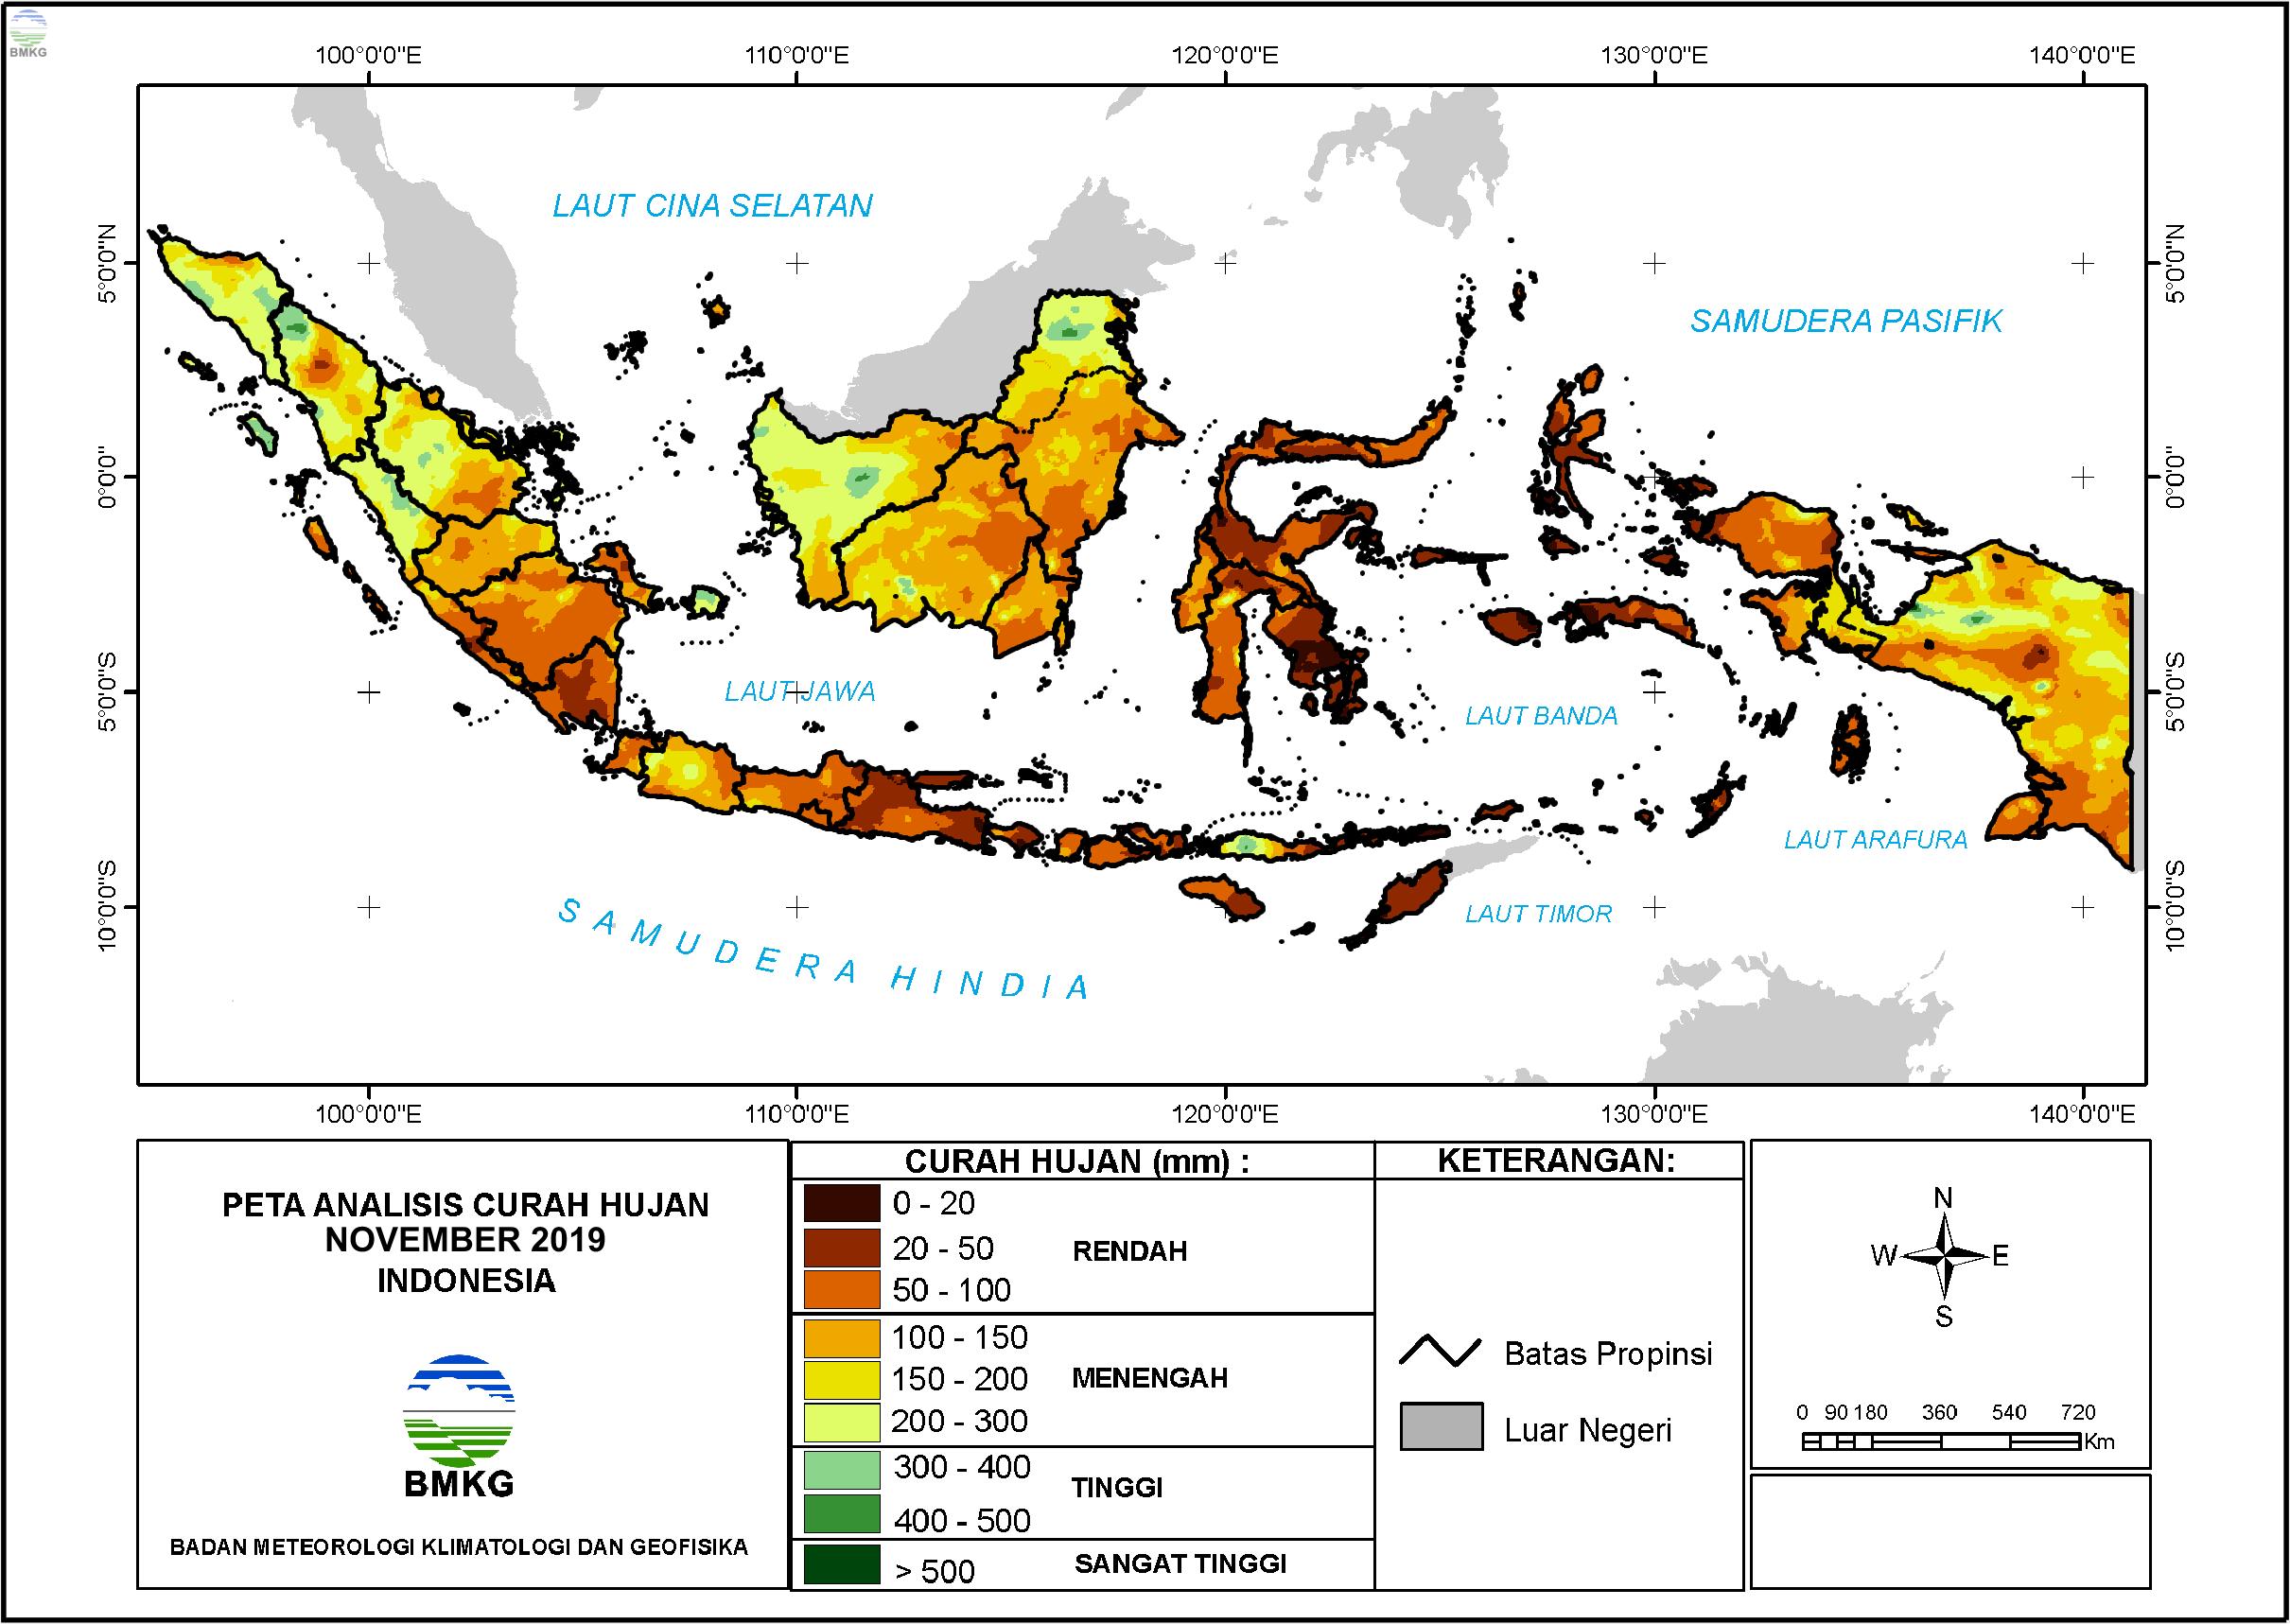 Analisis Curah Hujan dan Sifat Hujan Bulan November 2019